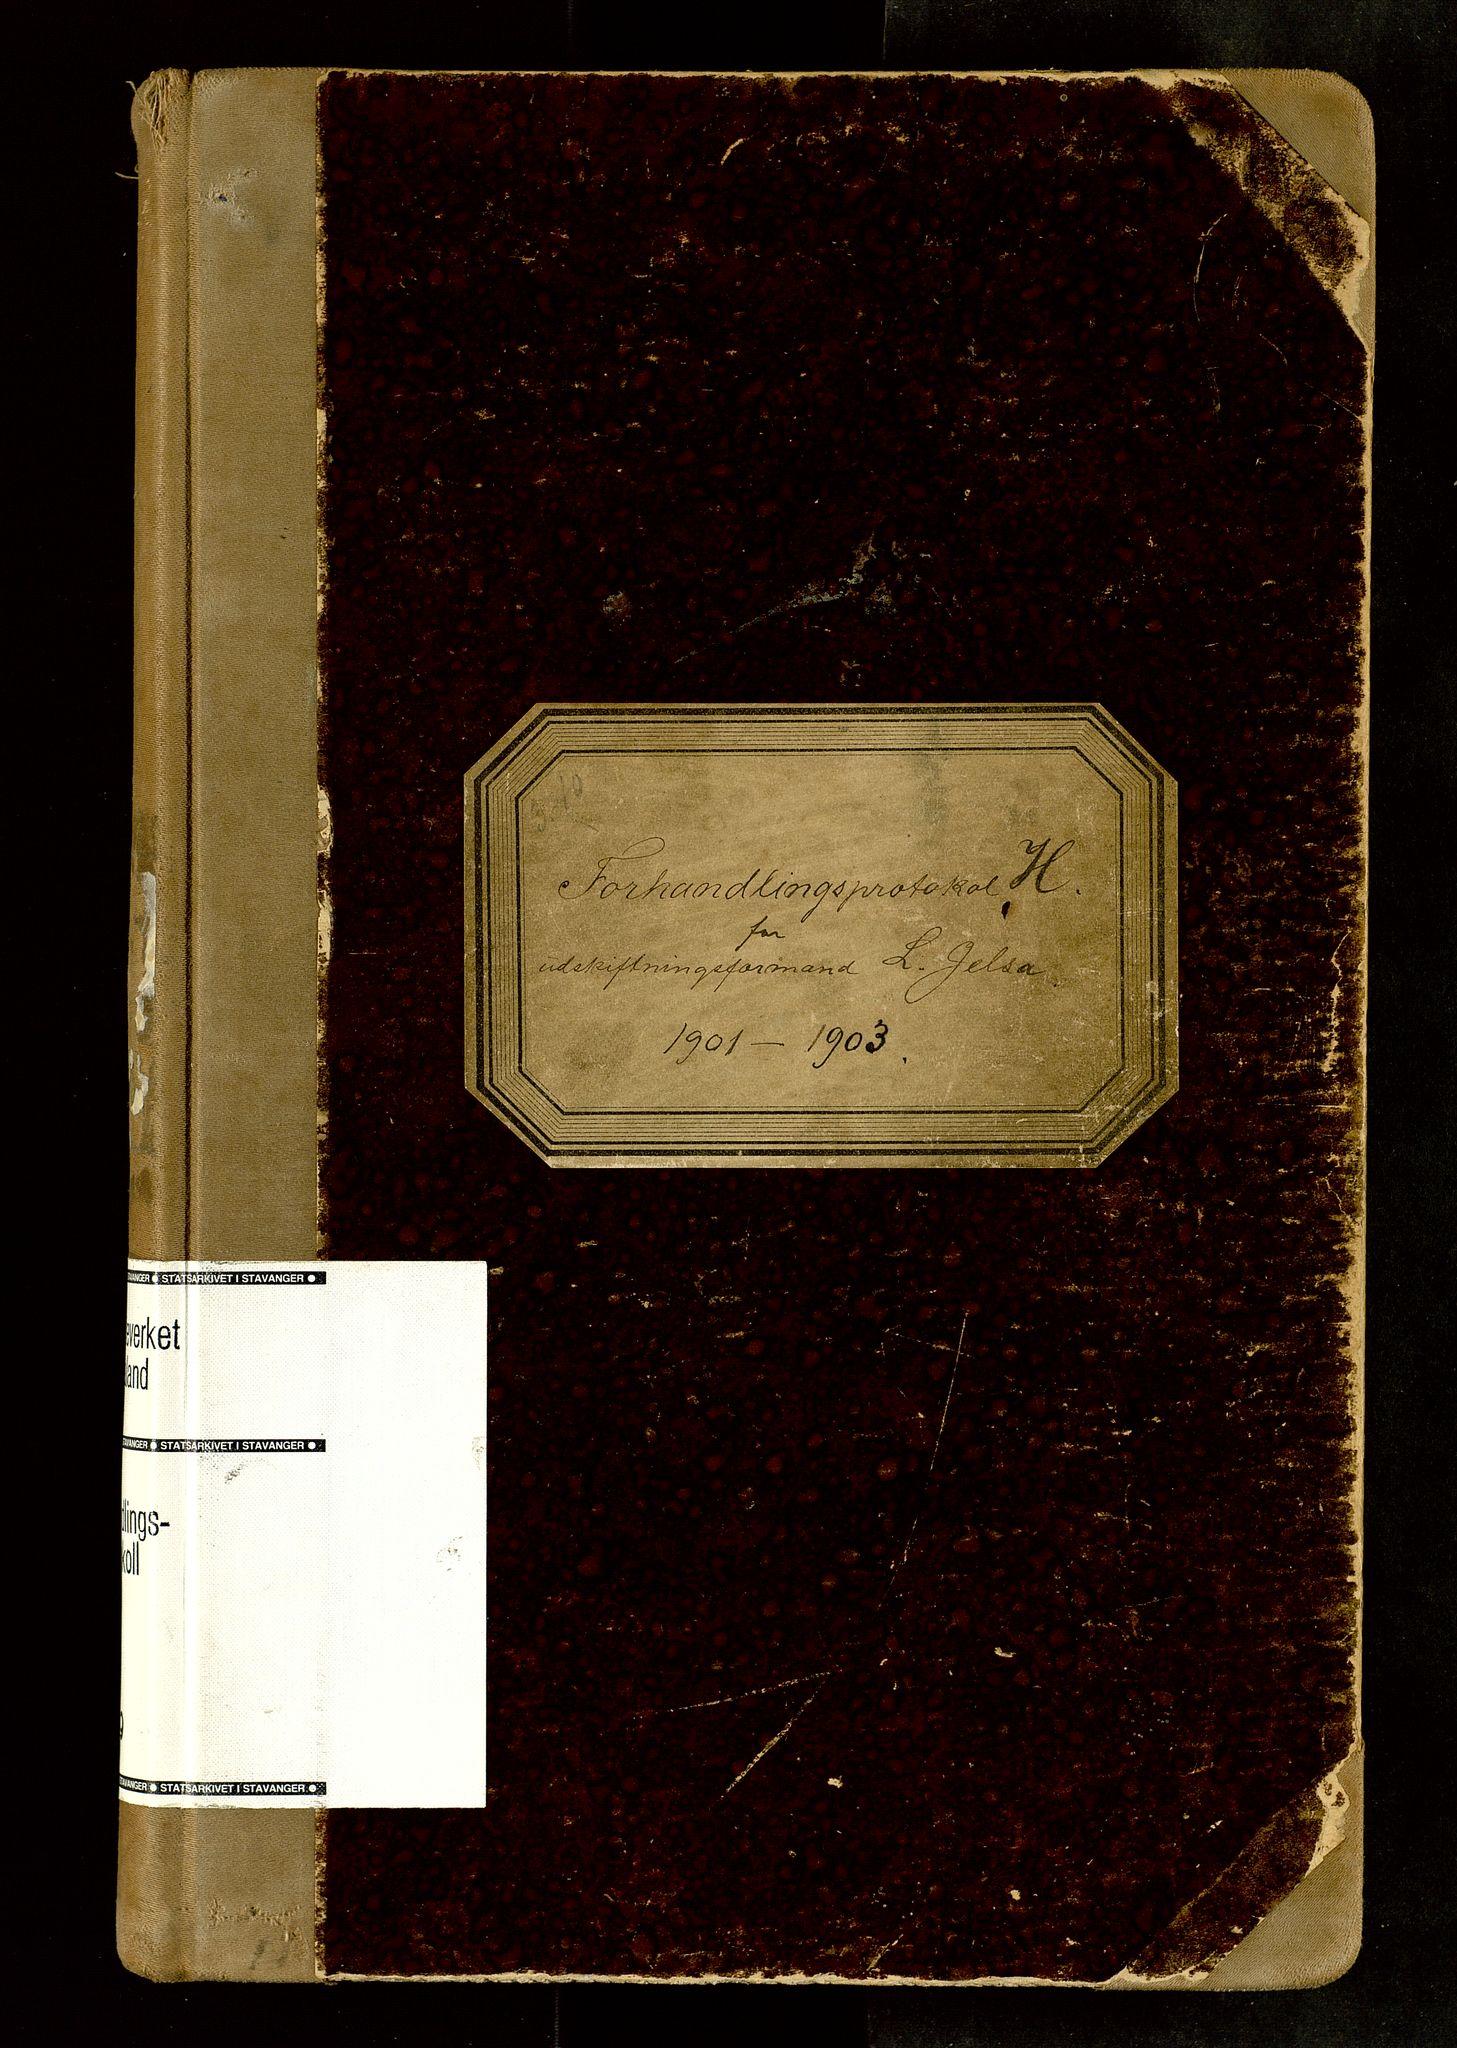 SAST, Rogaland jordskifterett, Oa/L0059: Forhandlingsprotokoll, 1901-1903